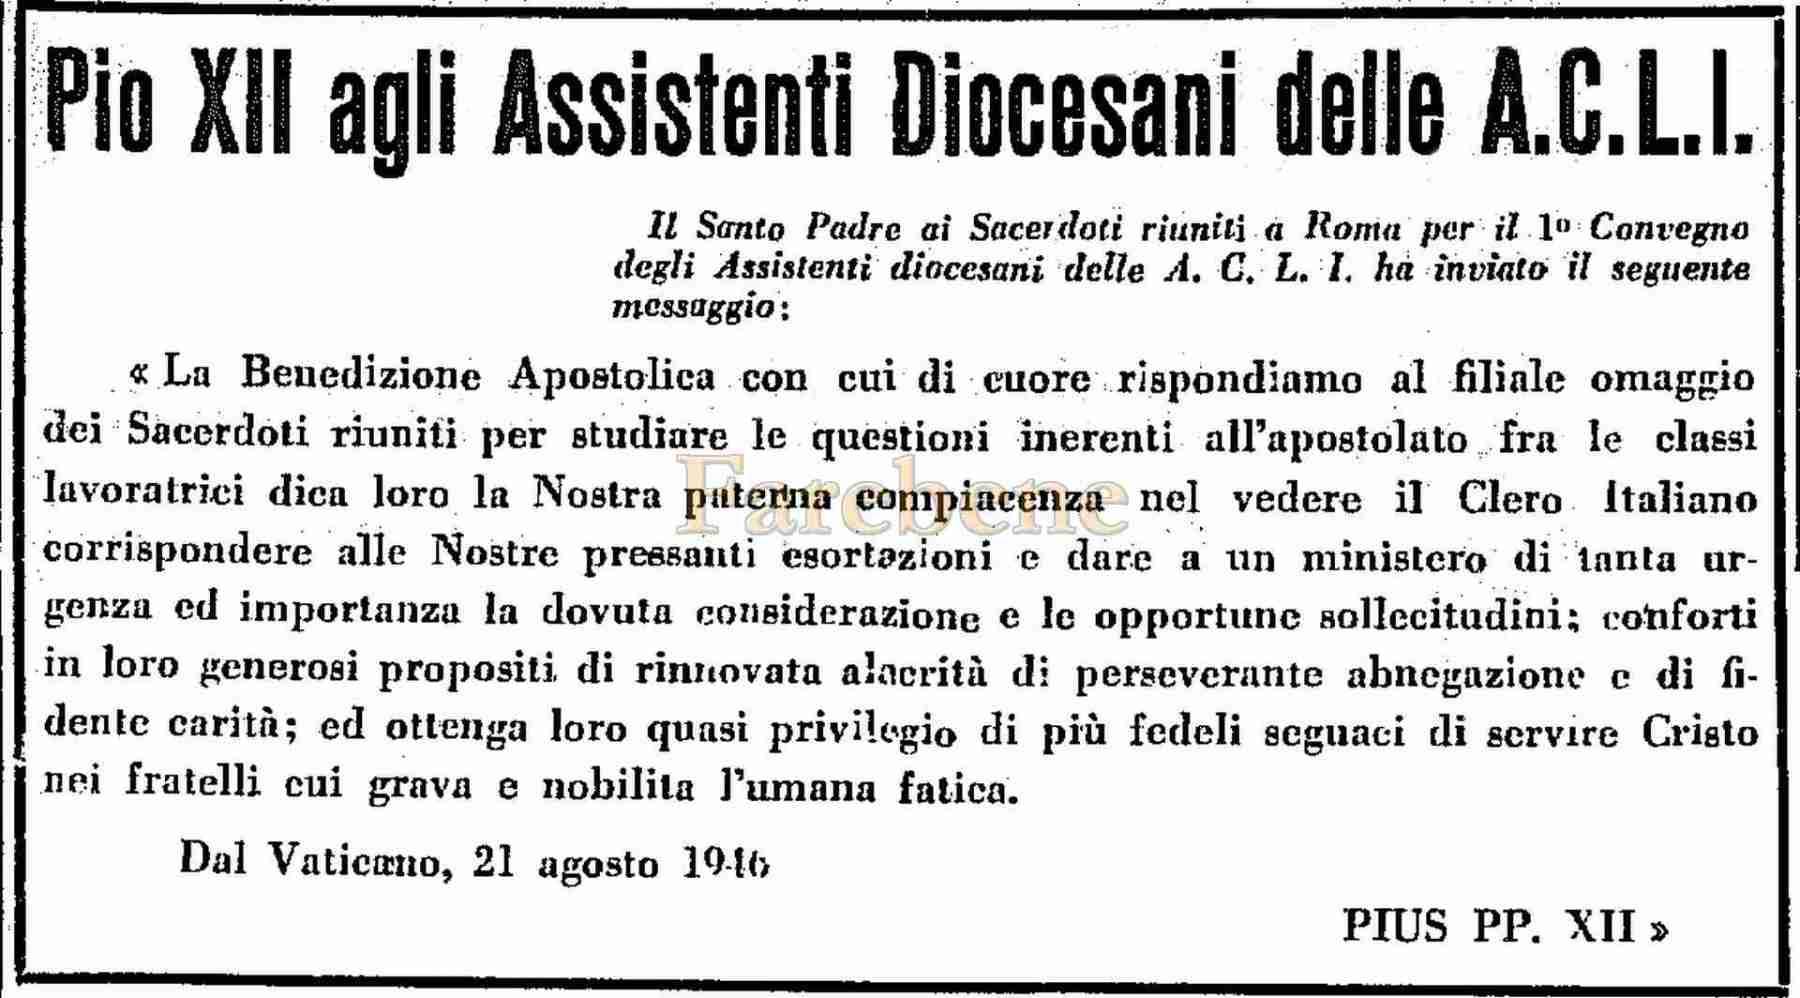 Papa-assistenti-Acli-1946